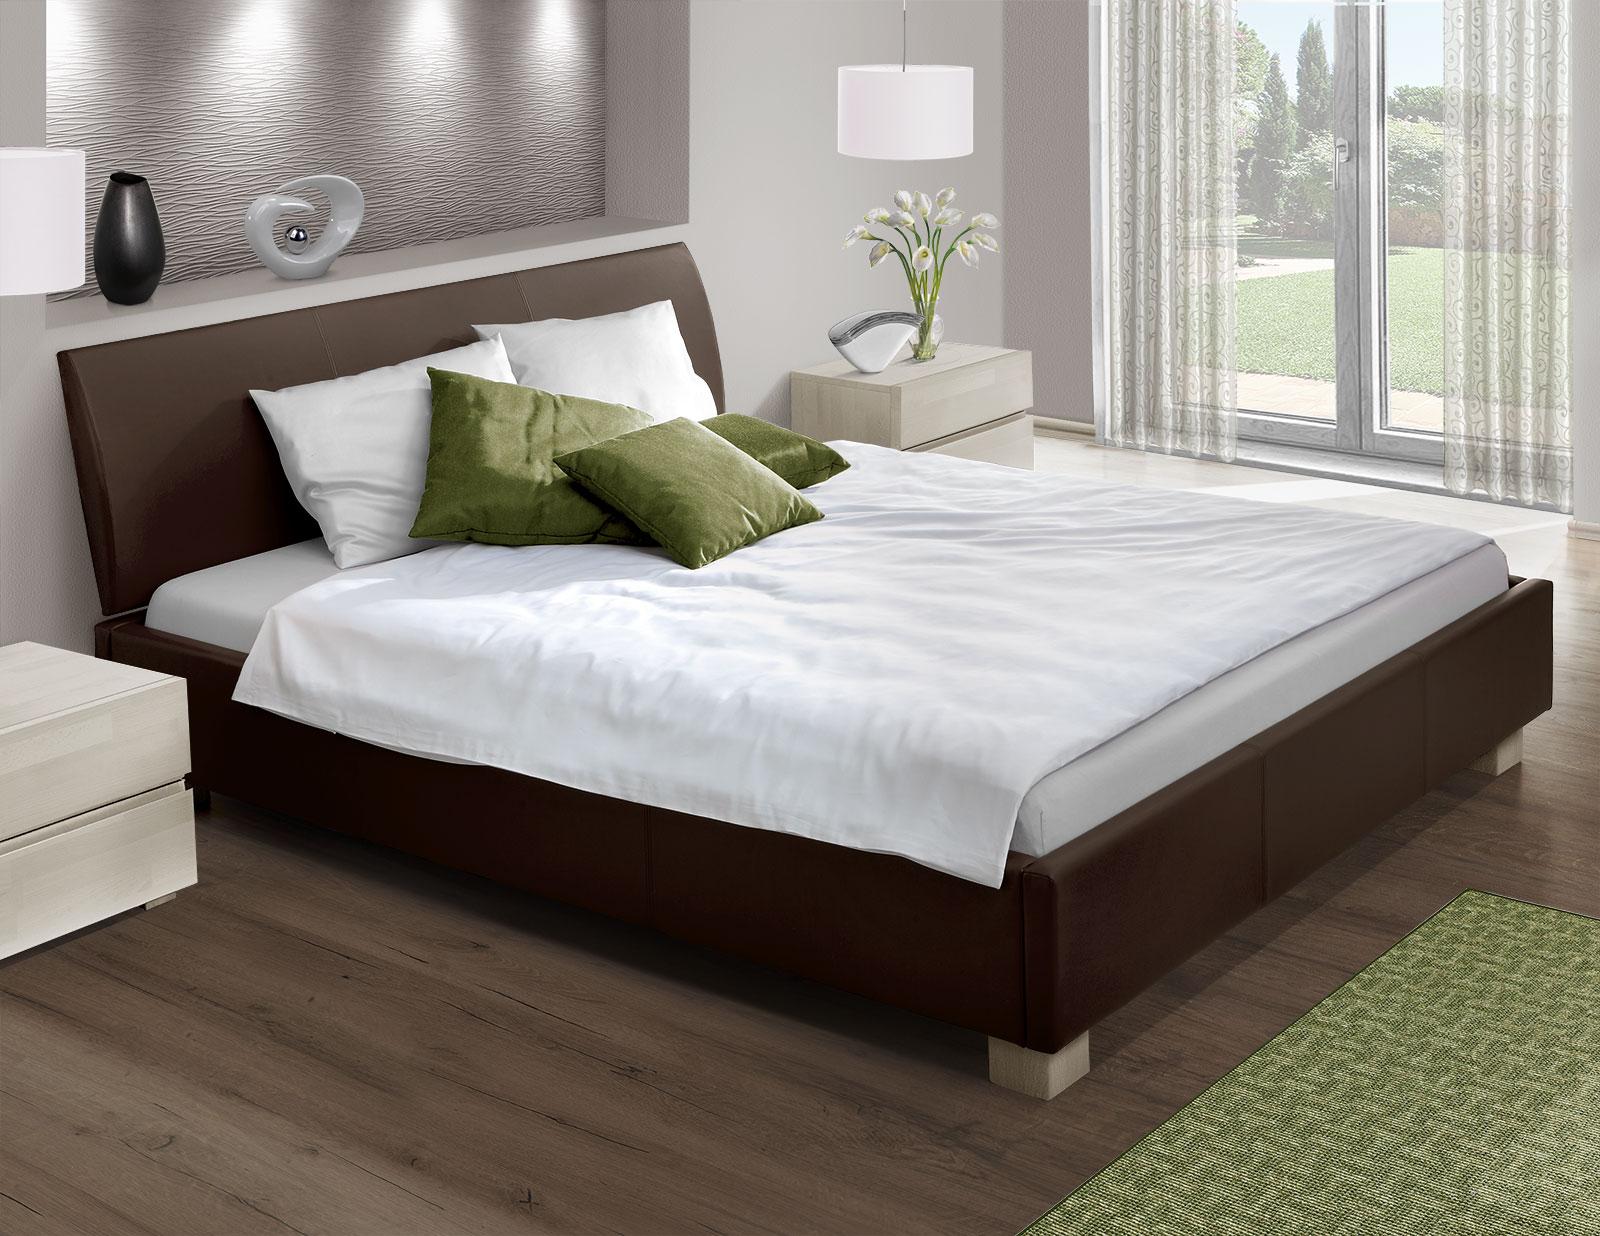 bett mit echtleder z b in schwarz 180x200 cm serpa. Black Bedroom Furniture Sets. Home Design Ideas